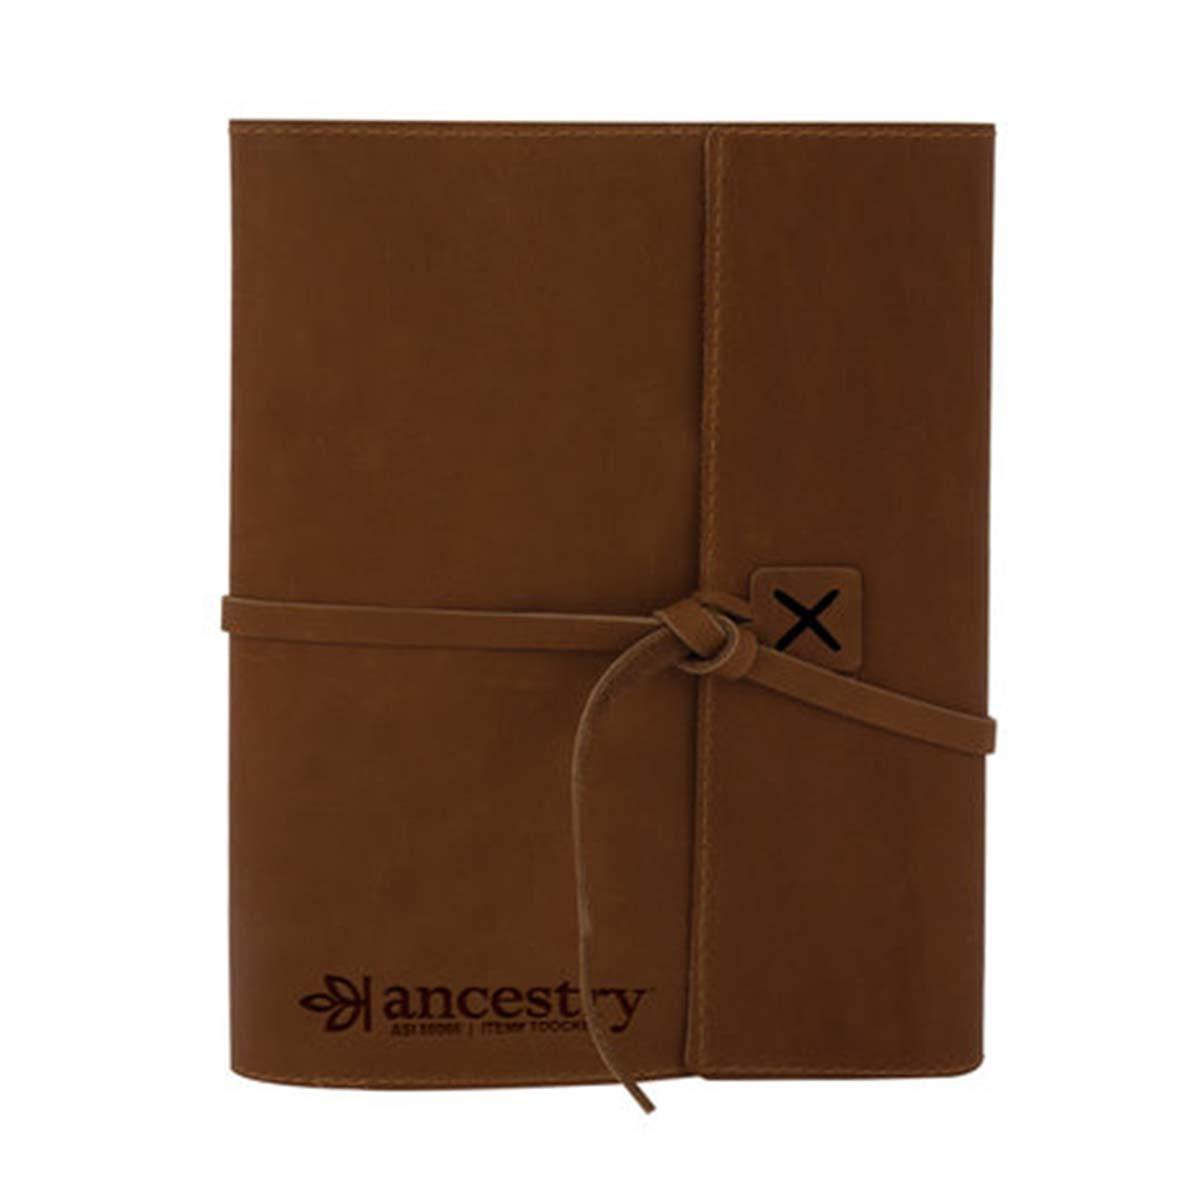 Snugz compositionbook tan